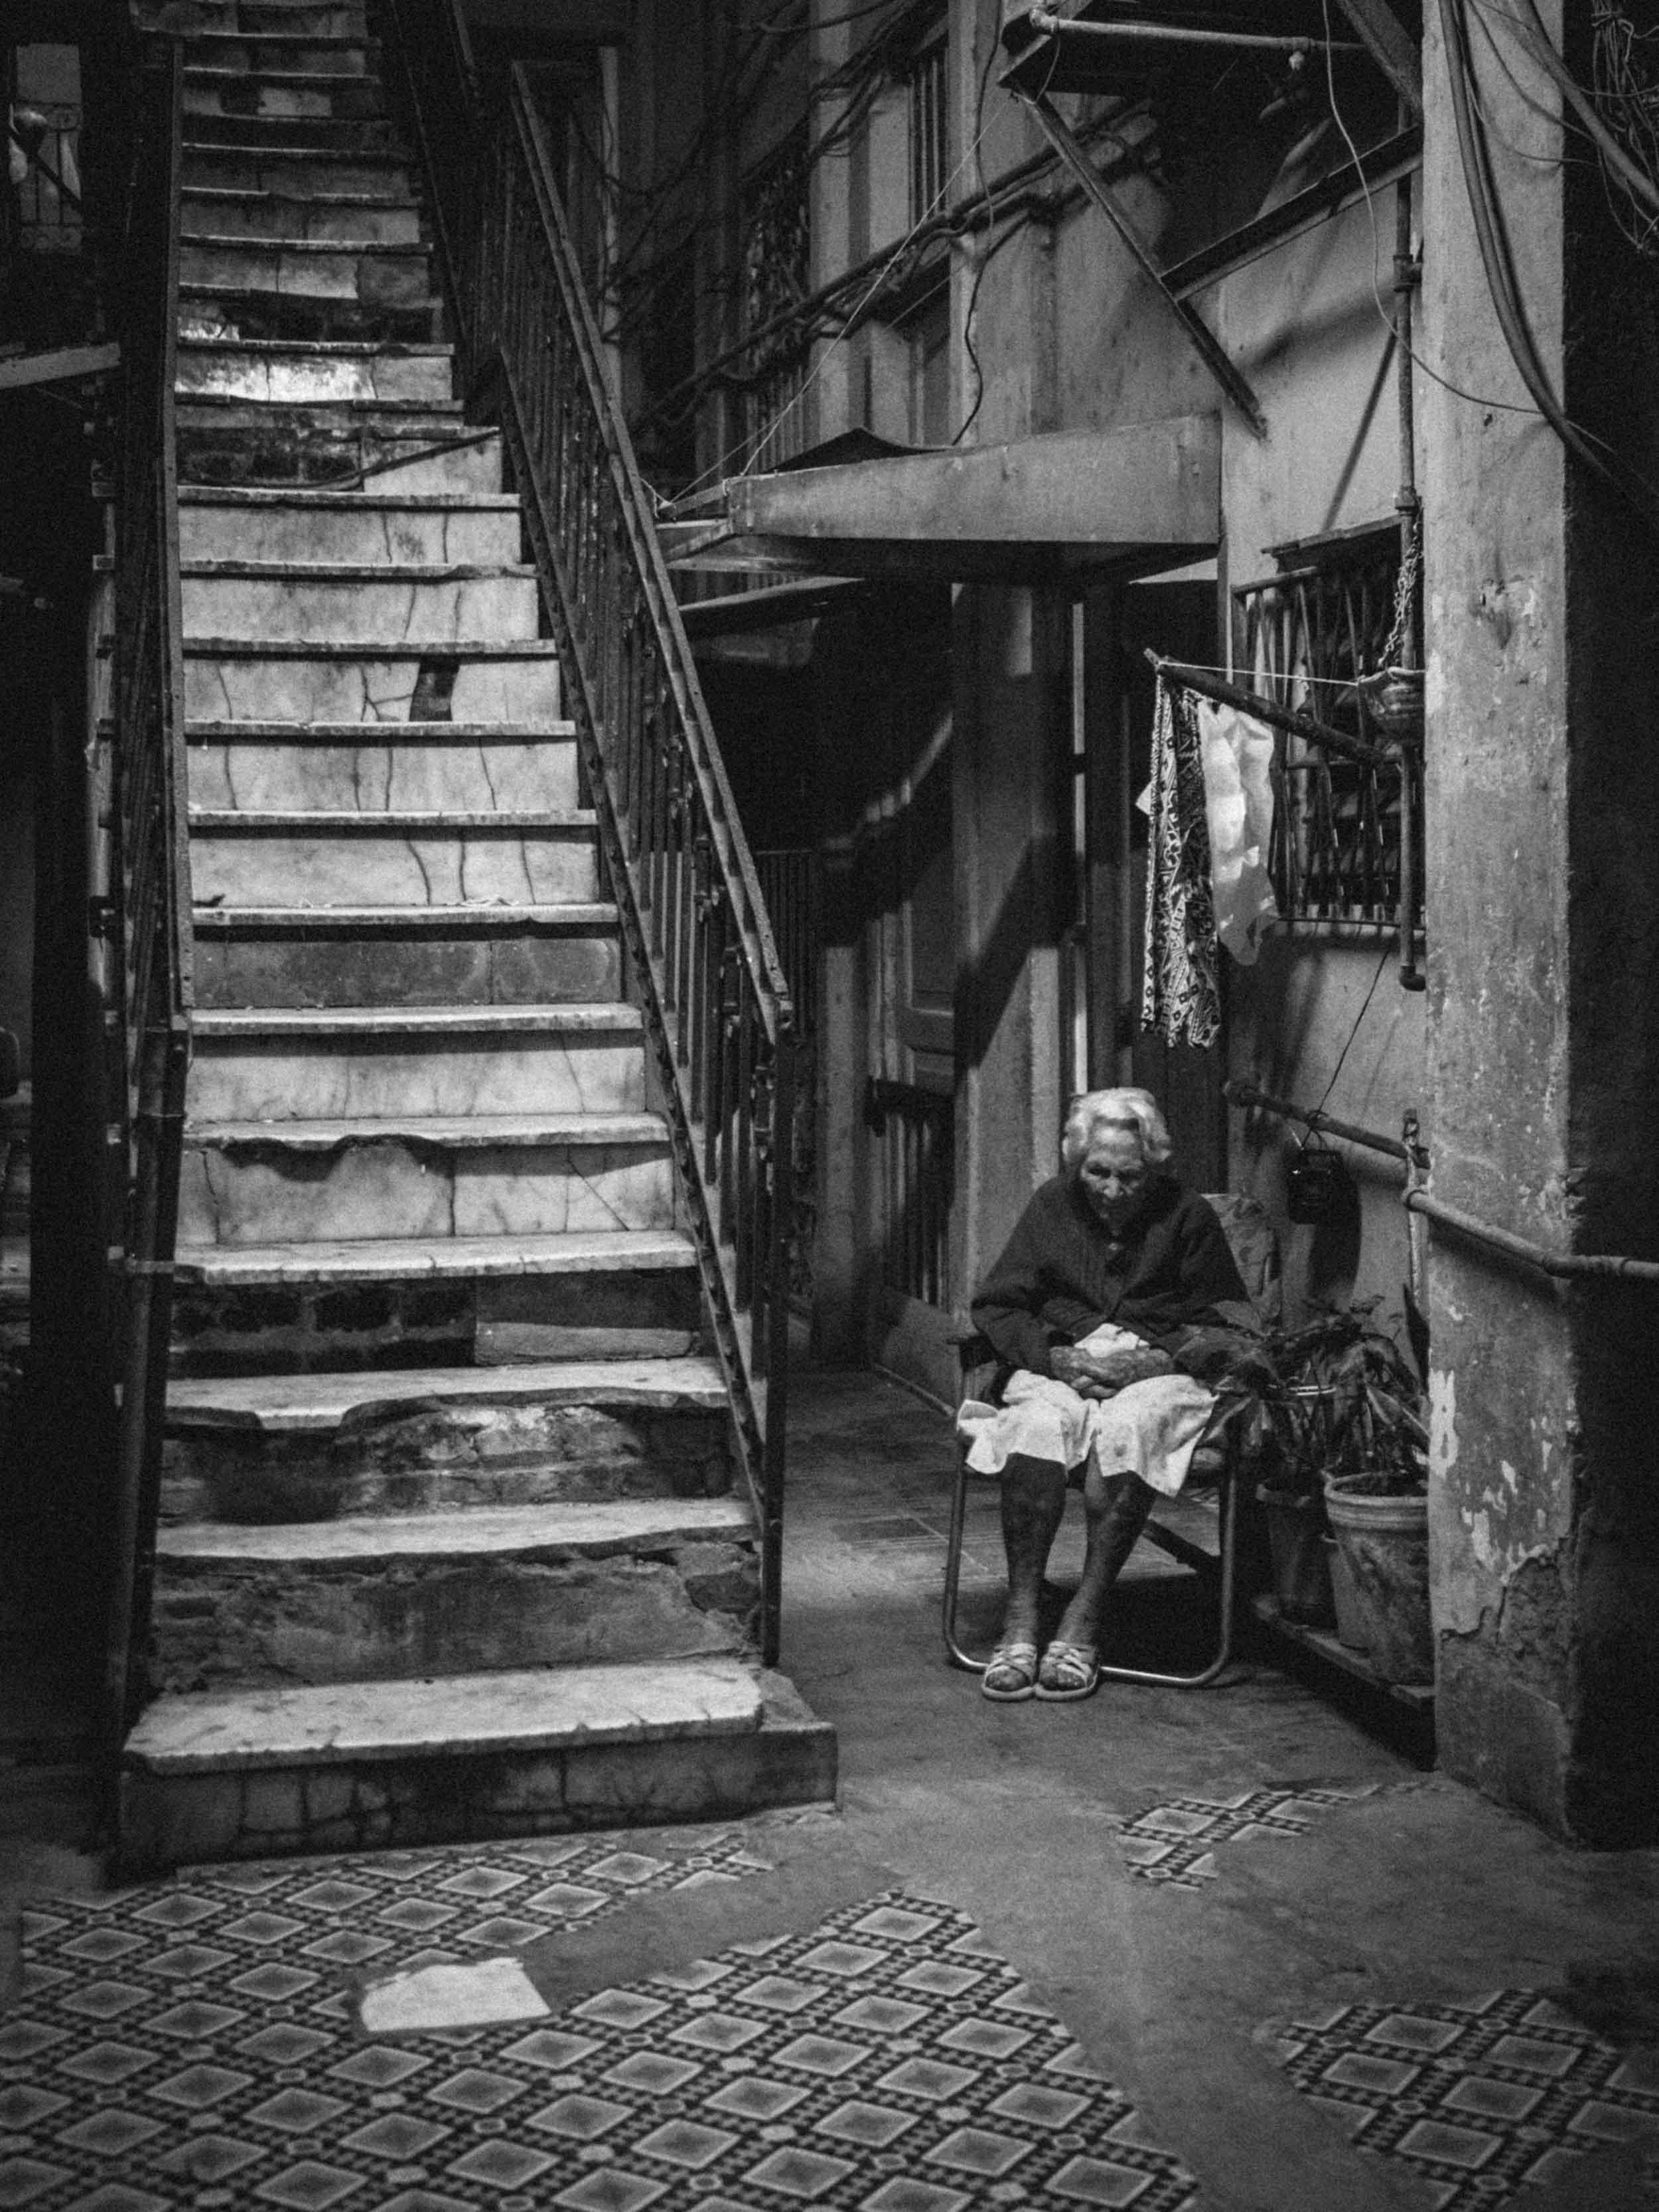 Cuba-davidbraud-0269.jpg